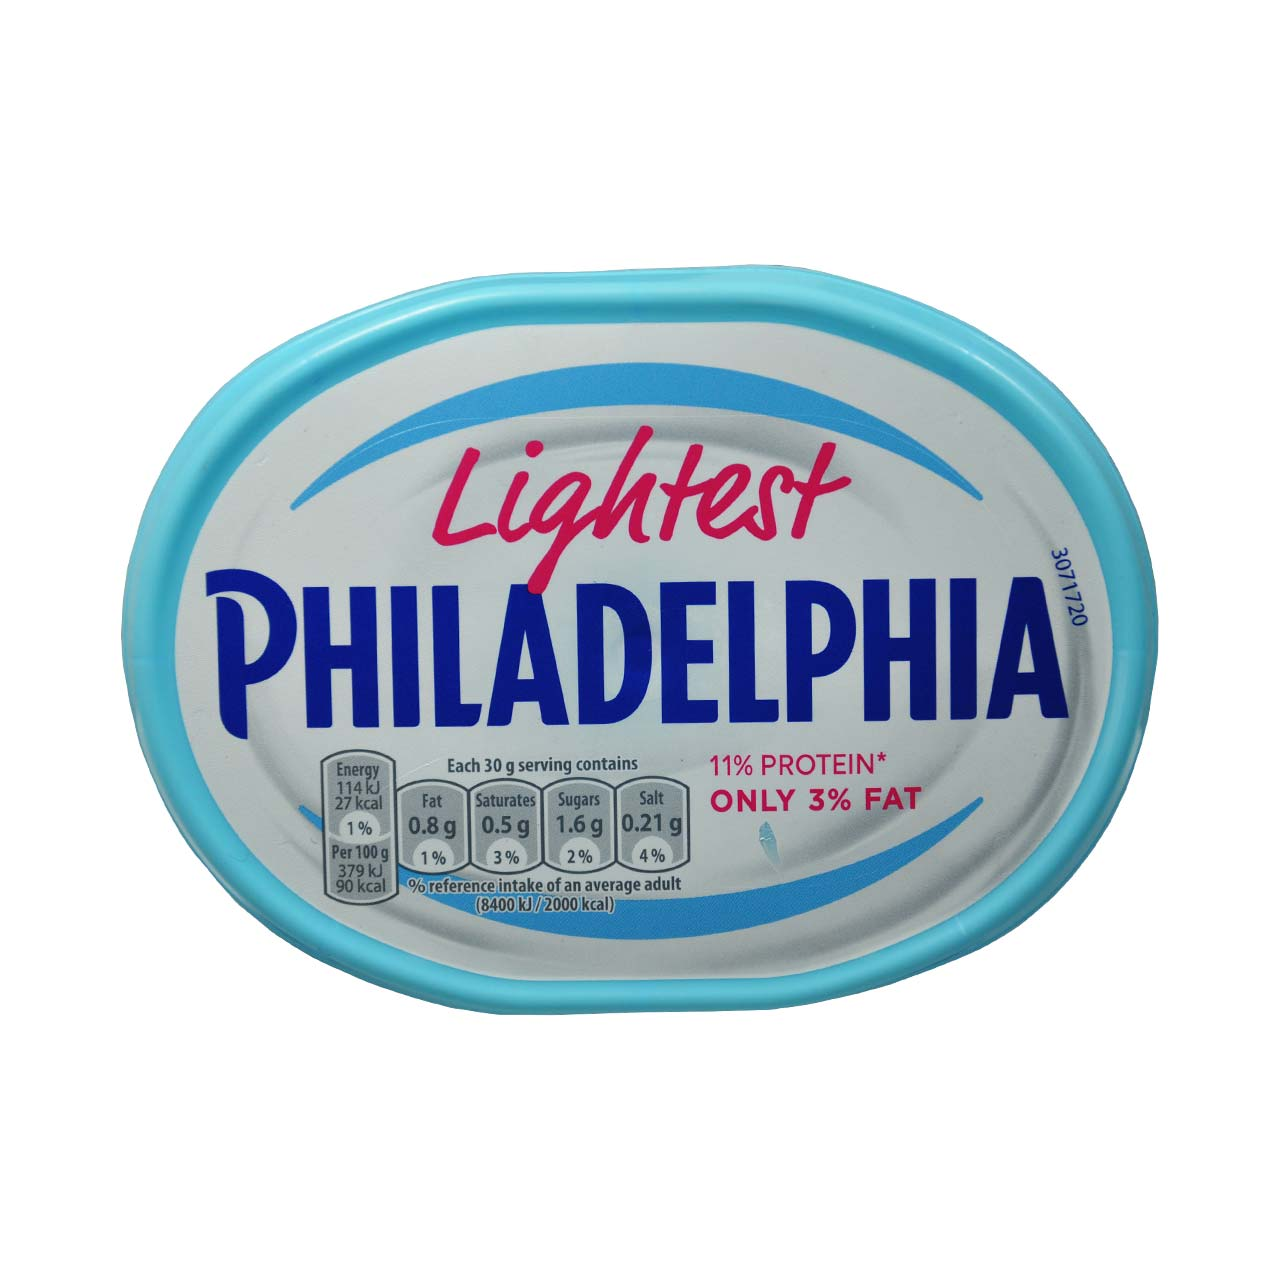 پنیر فیلادلفیا – philadelphia